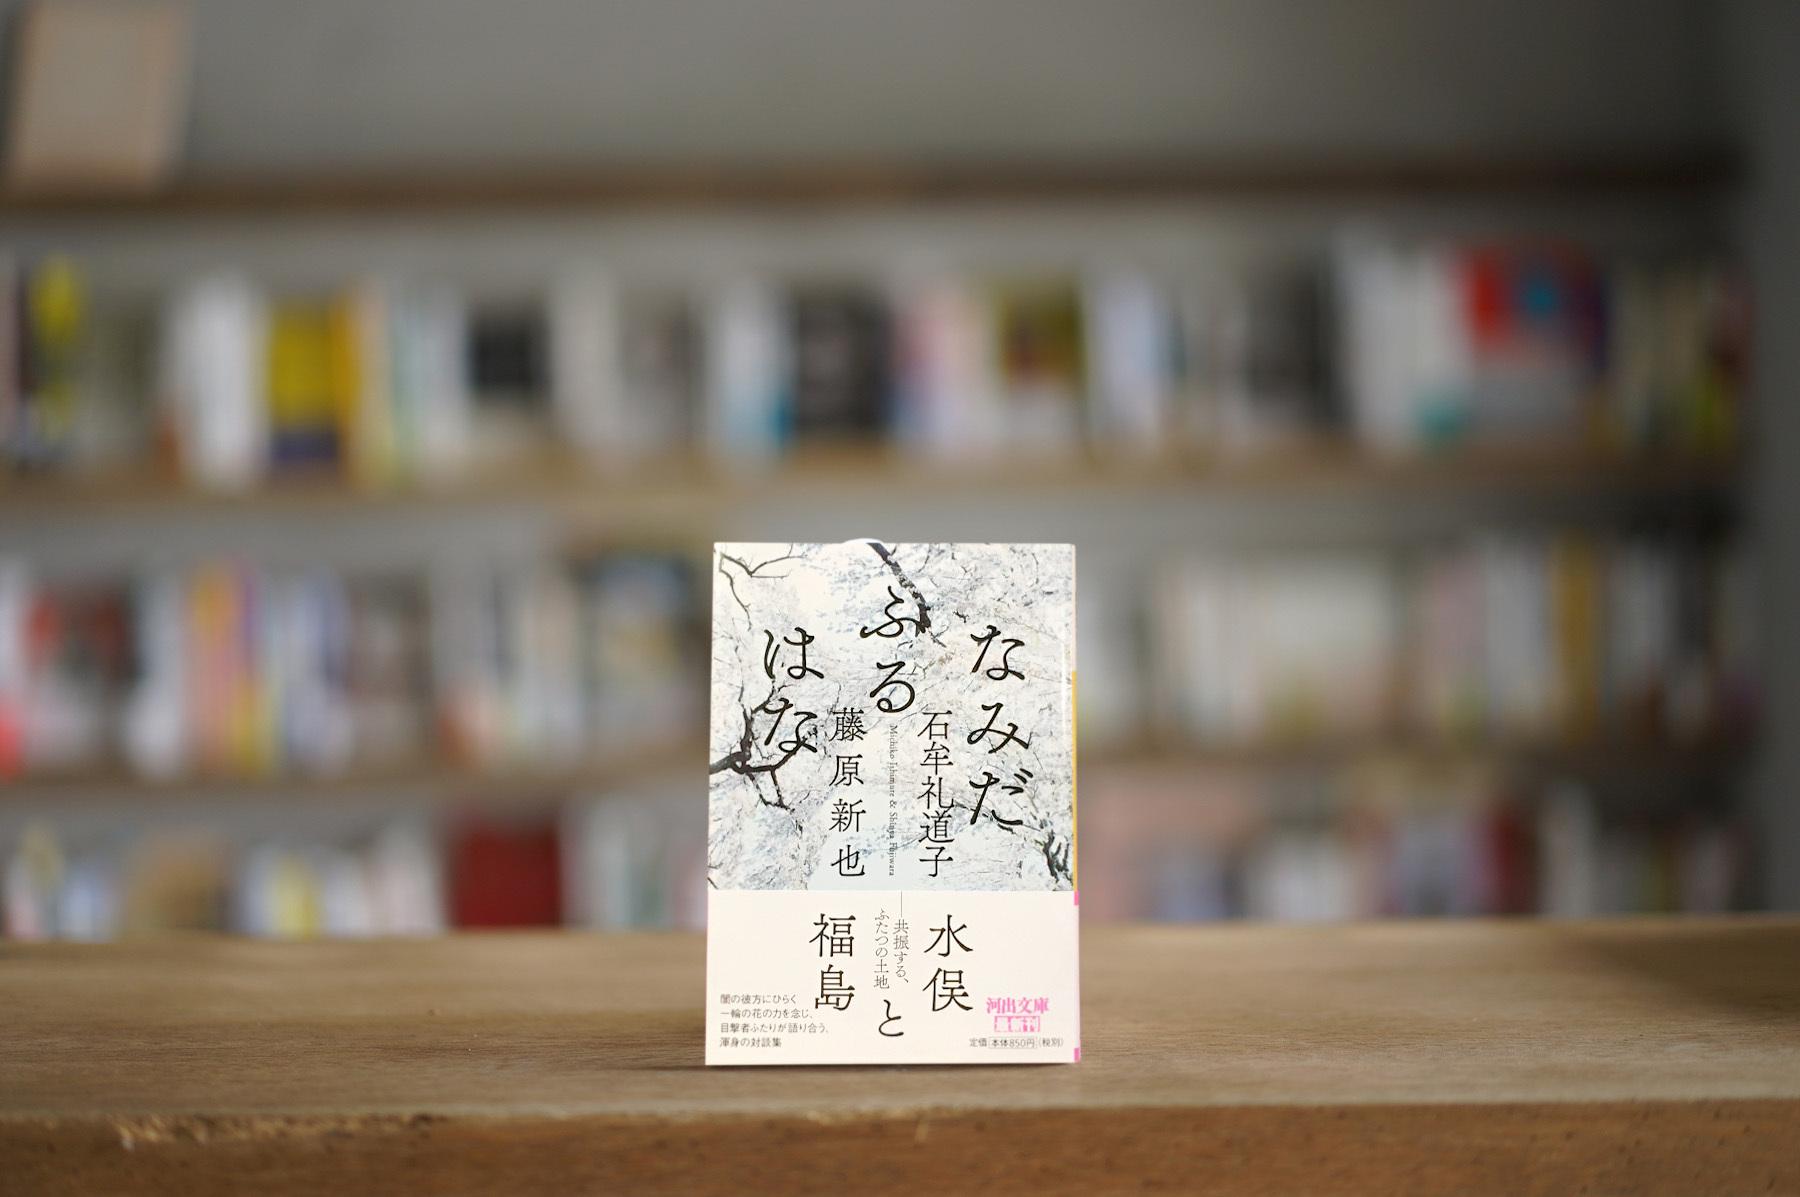 石牟礼道子、藤原新也 『なみだふるはな』 (河出書房新社、2020)